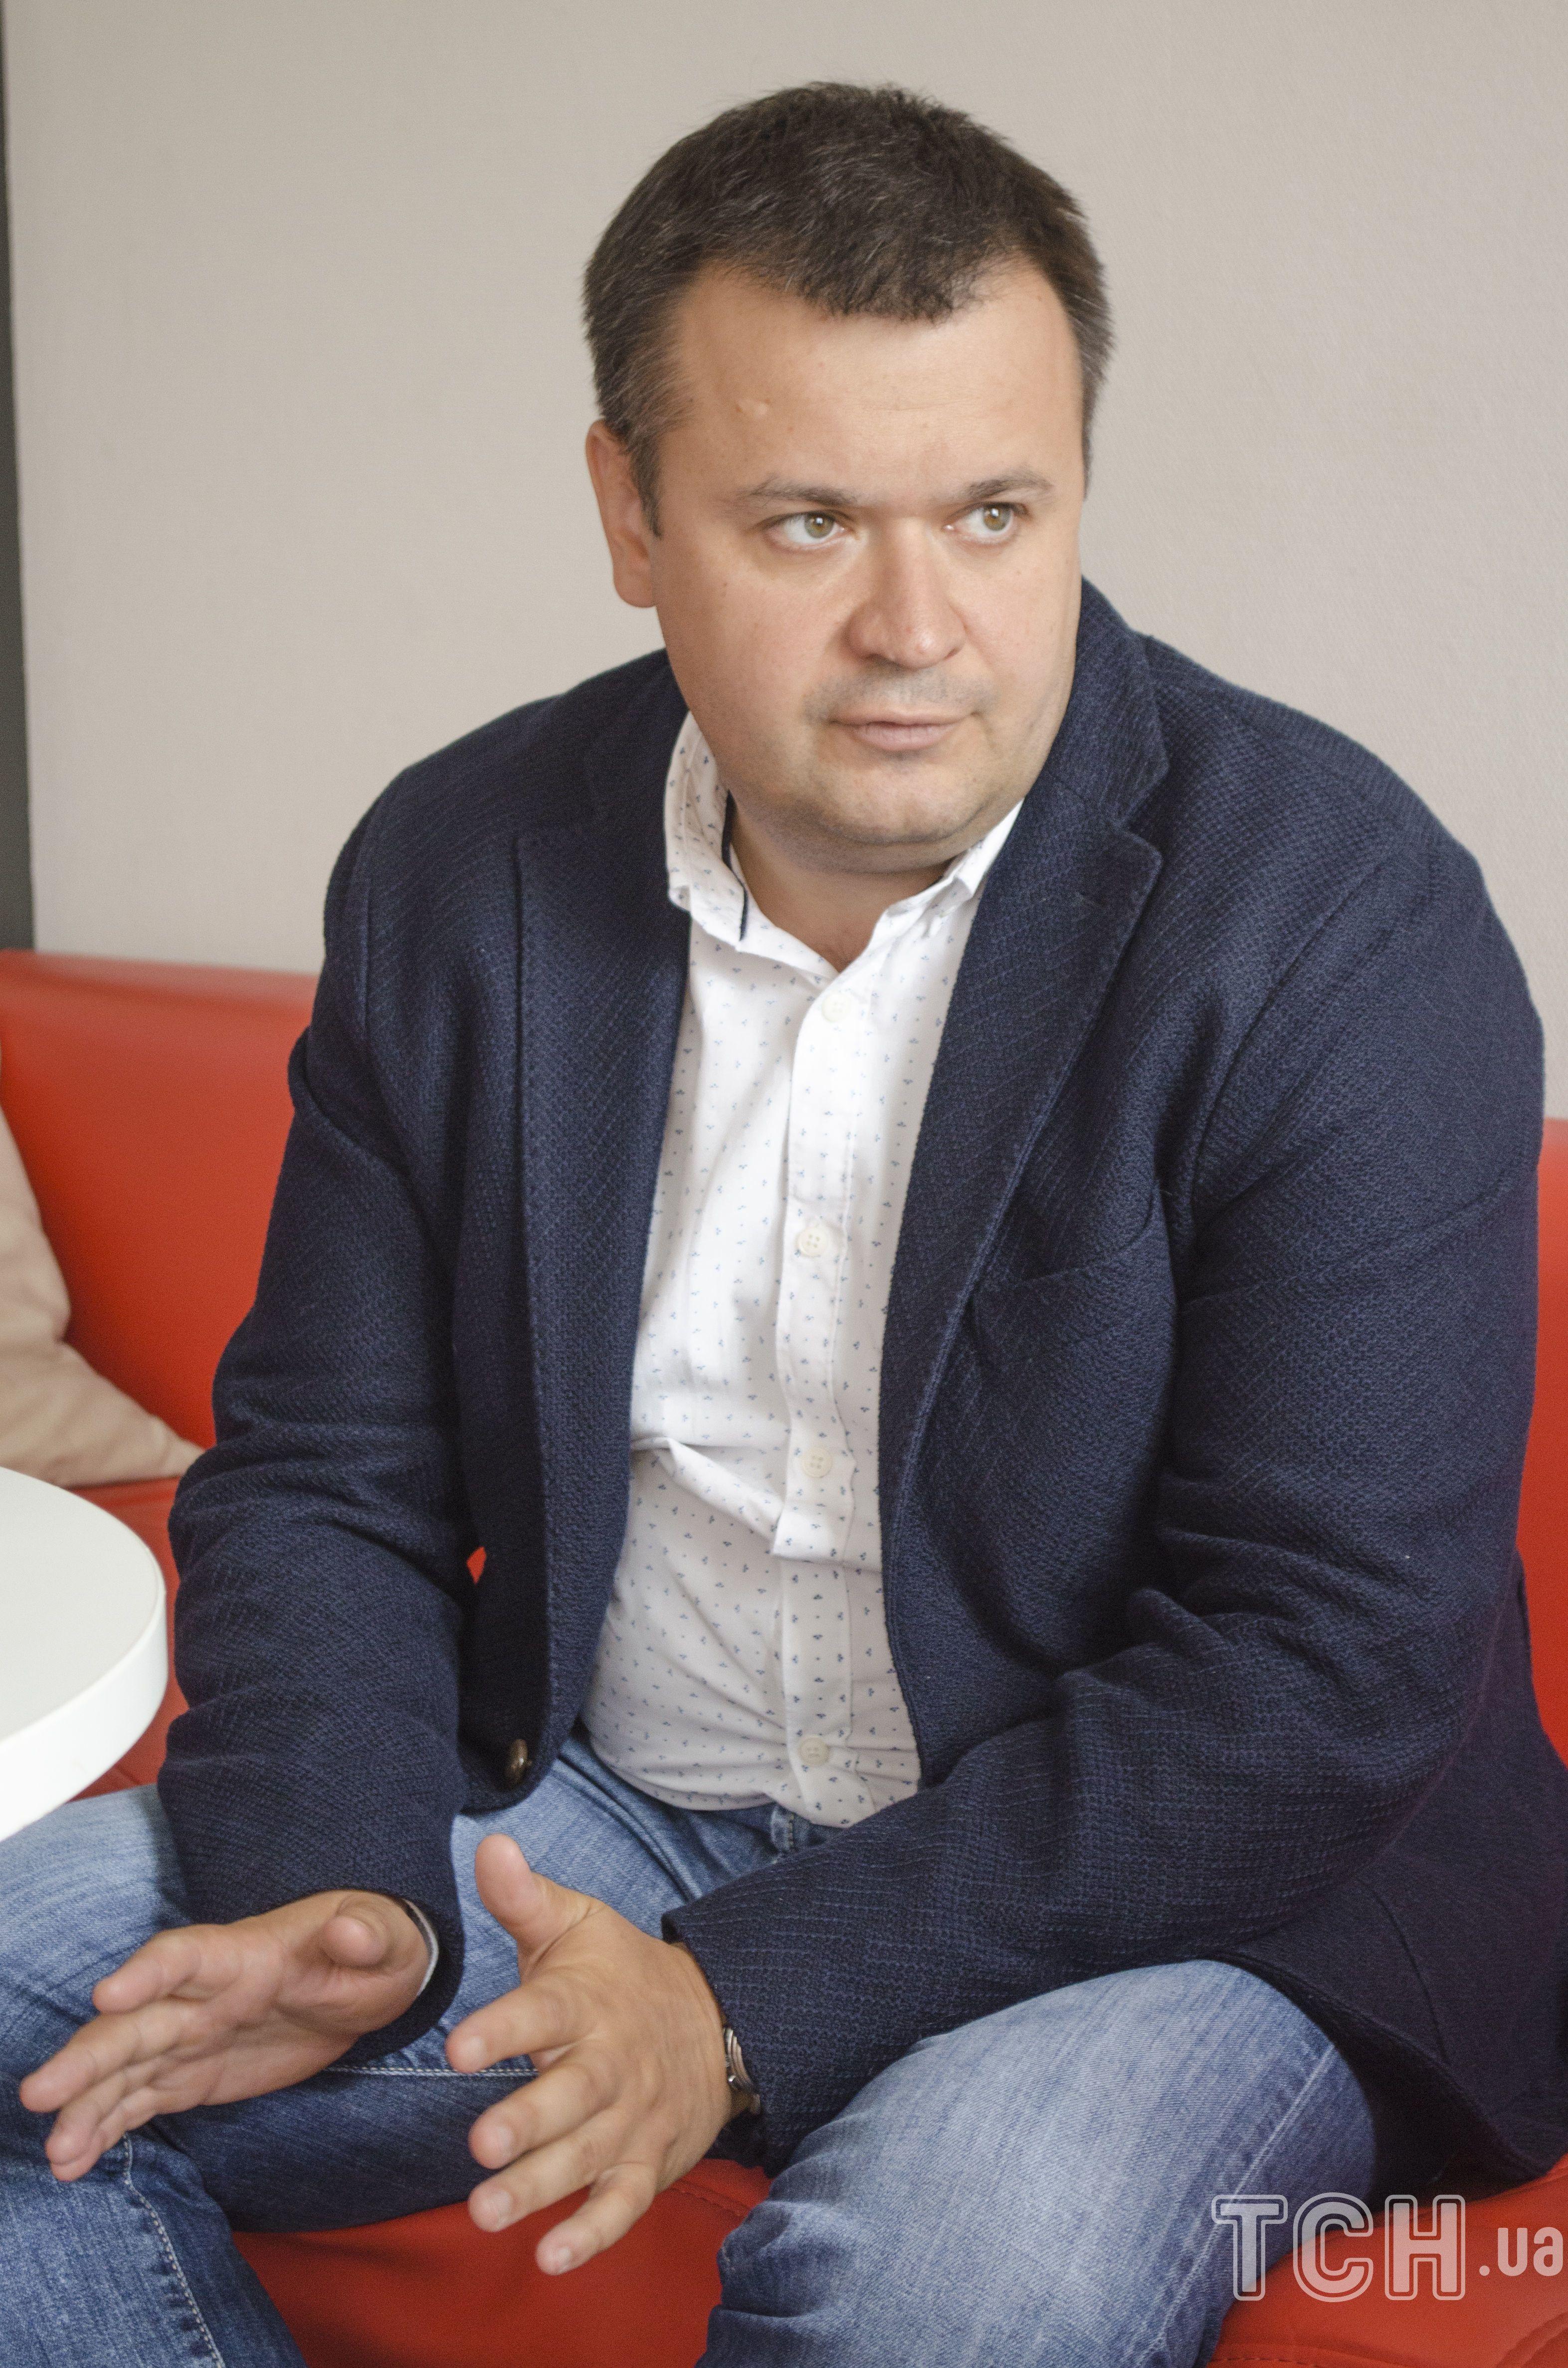 Андрій Грущинський_3